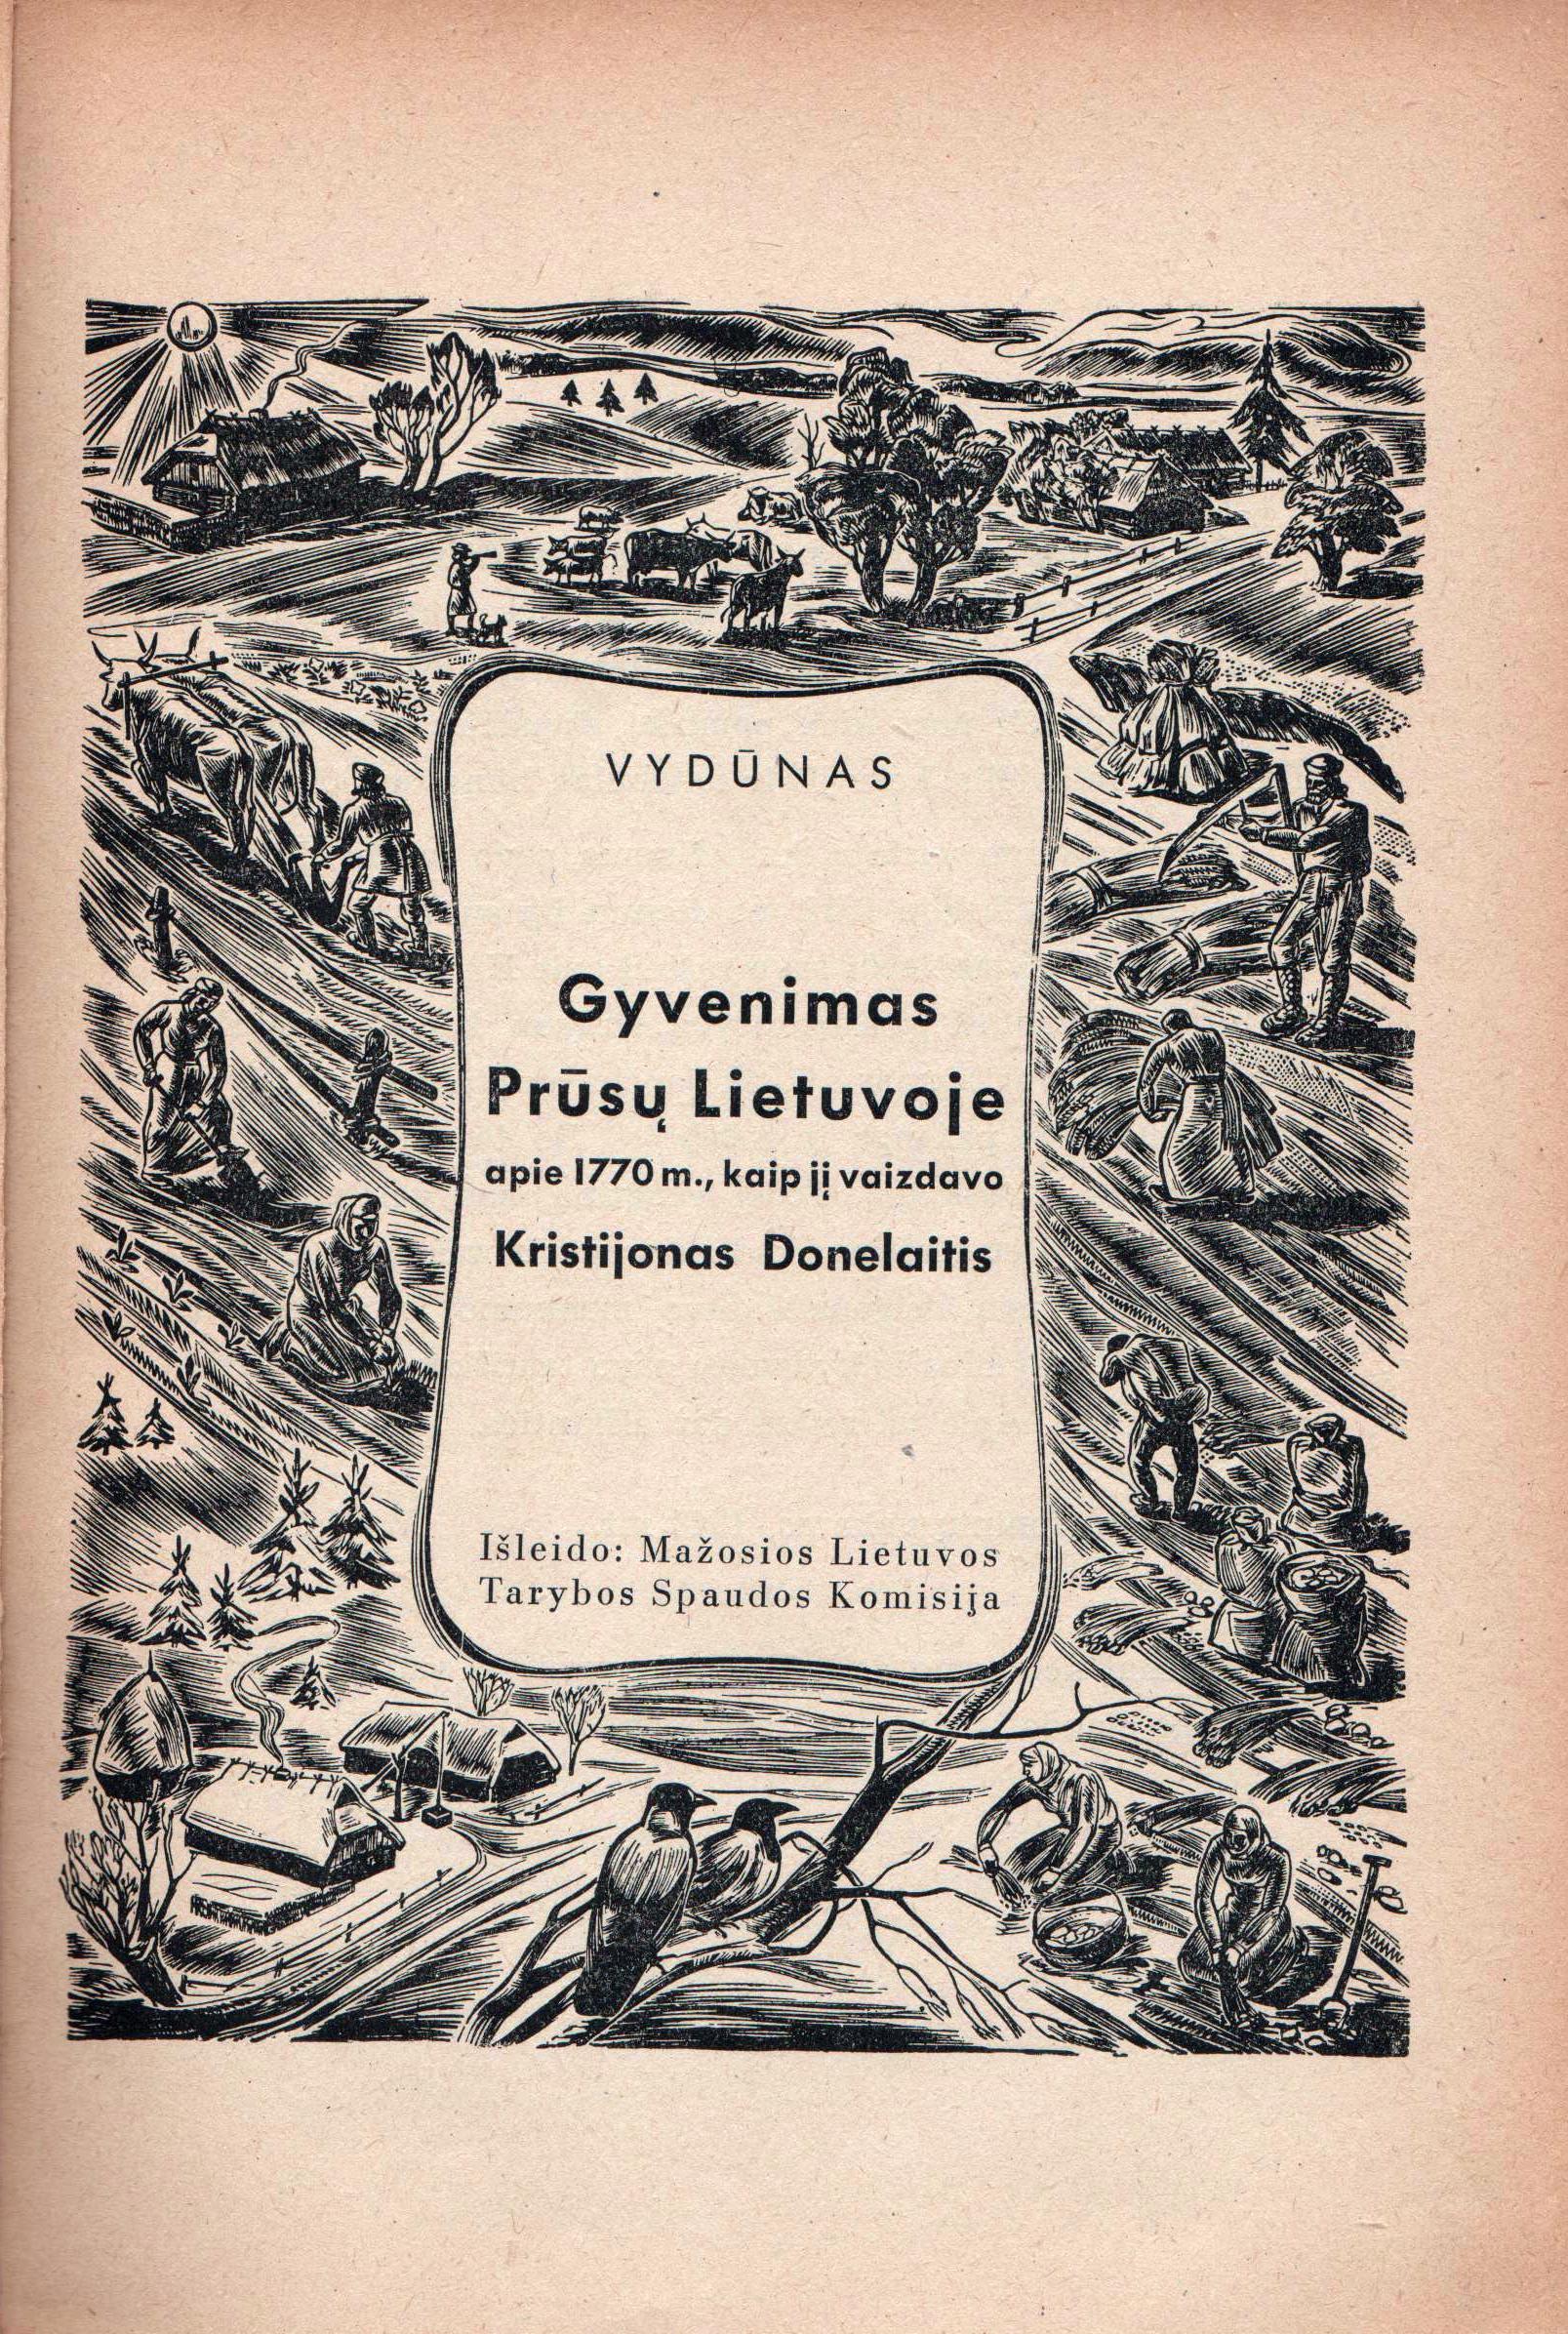 Gyvenimas Prūsų Lietuvoje 2 001 (1)